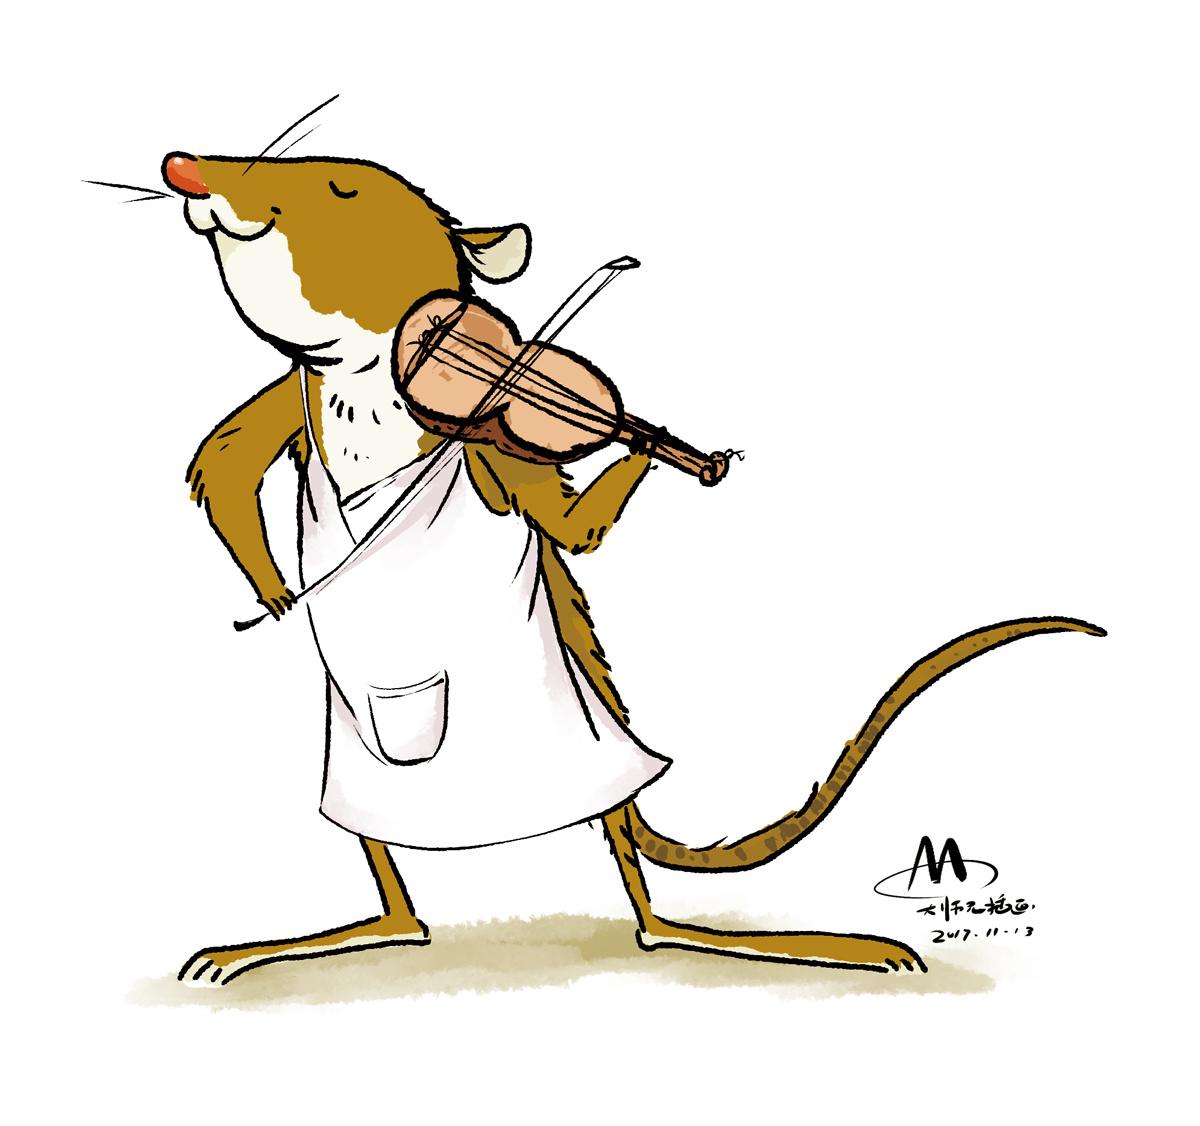 拉小提琴的老鼠